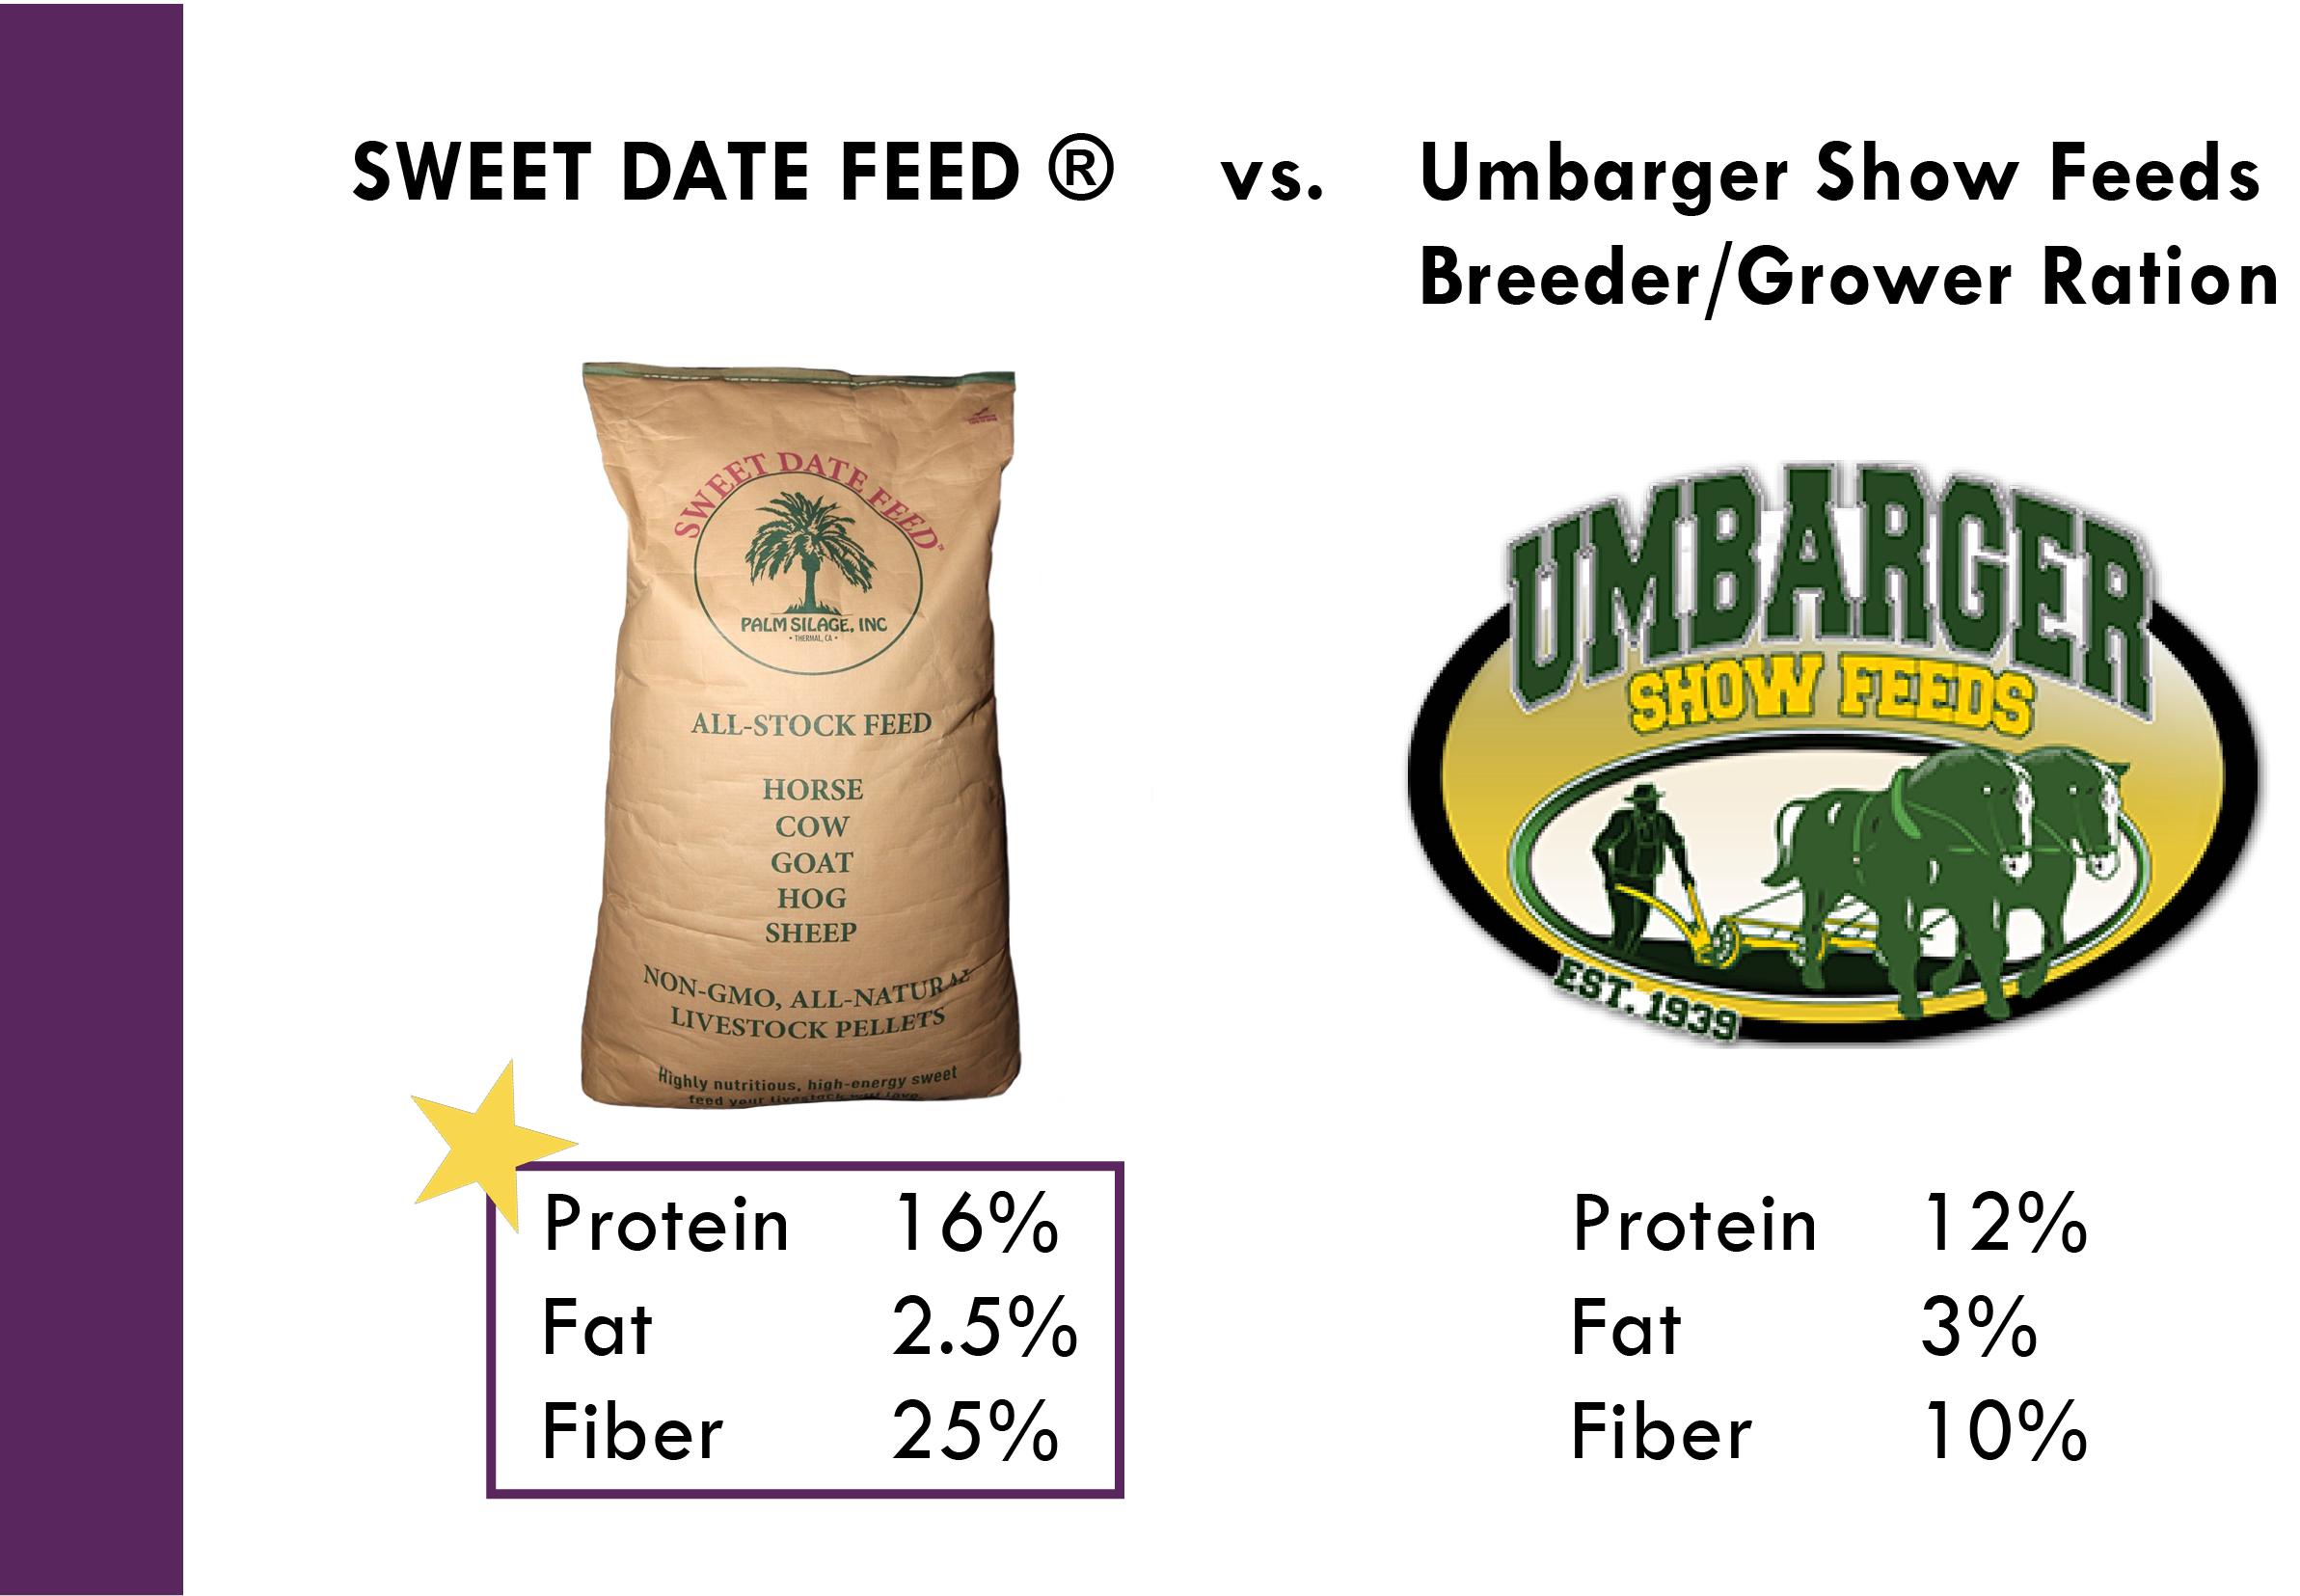 Why Sweet Date Feed_Palm Silage, Inc. 10-11-17.jpg